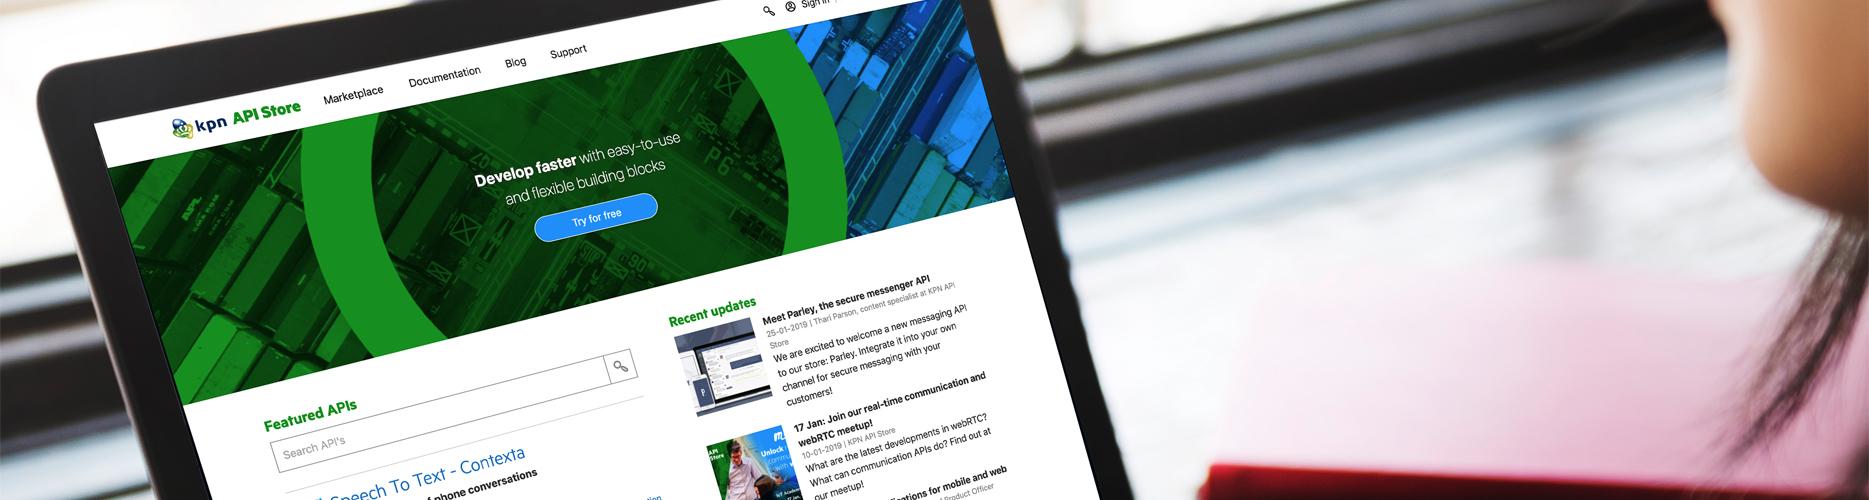 Sfeerafbeelding van de KPN Api store op een laptop